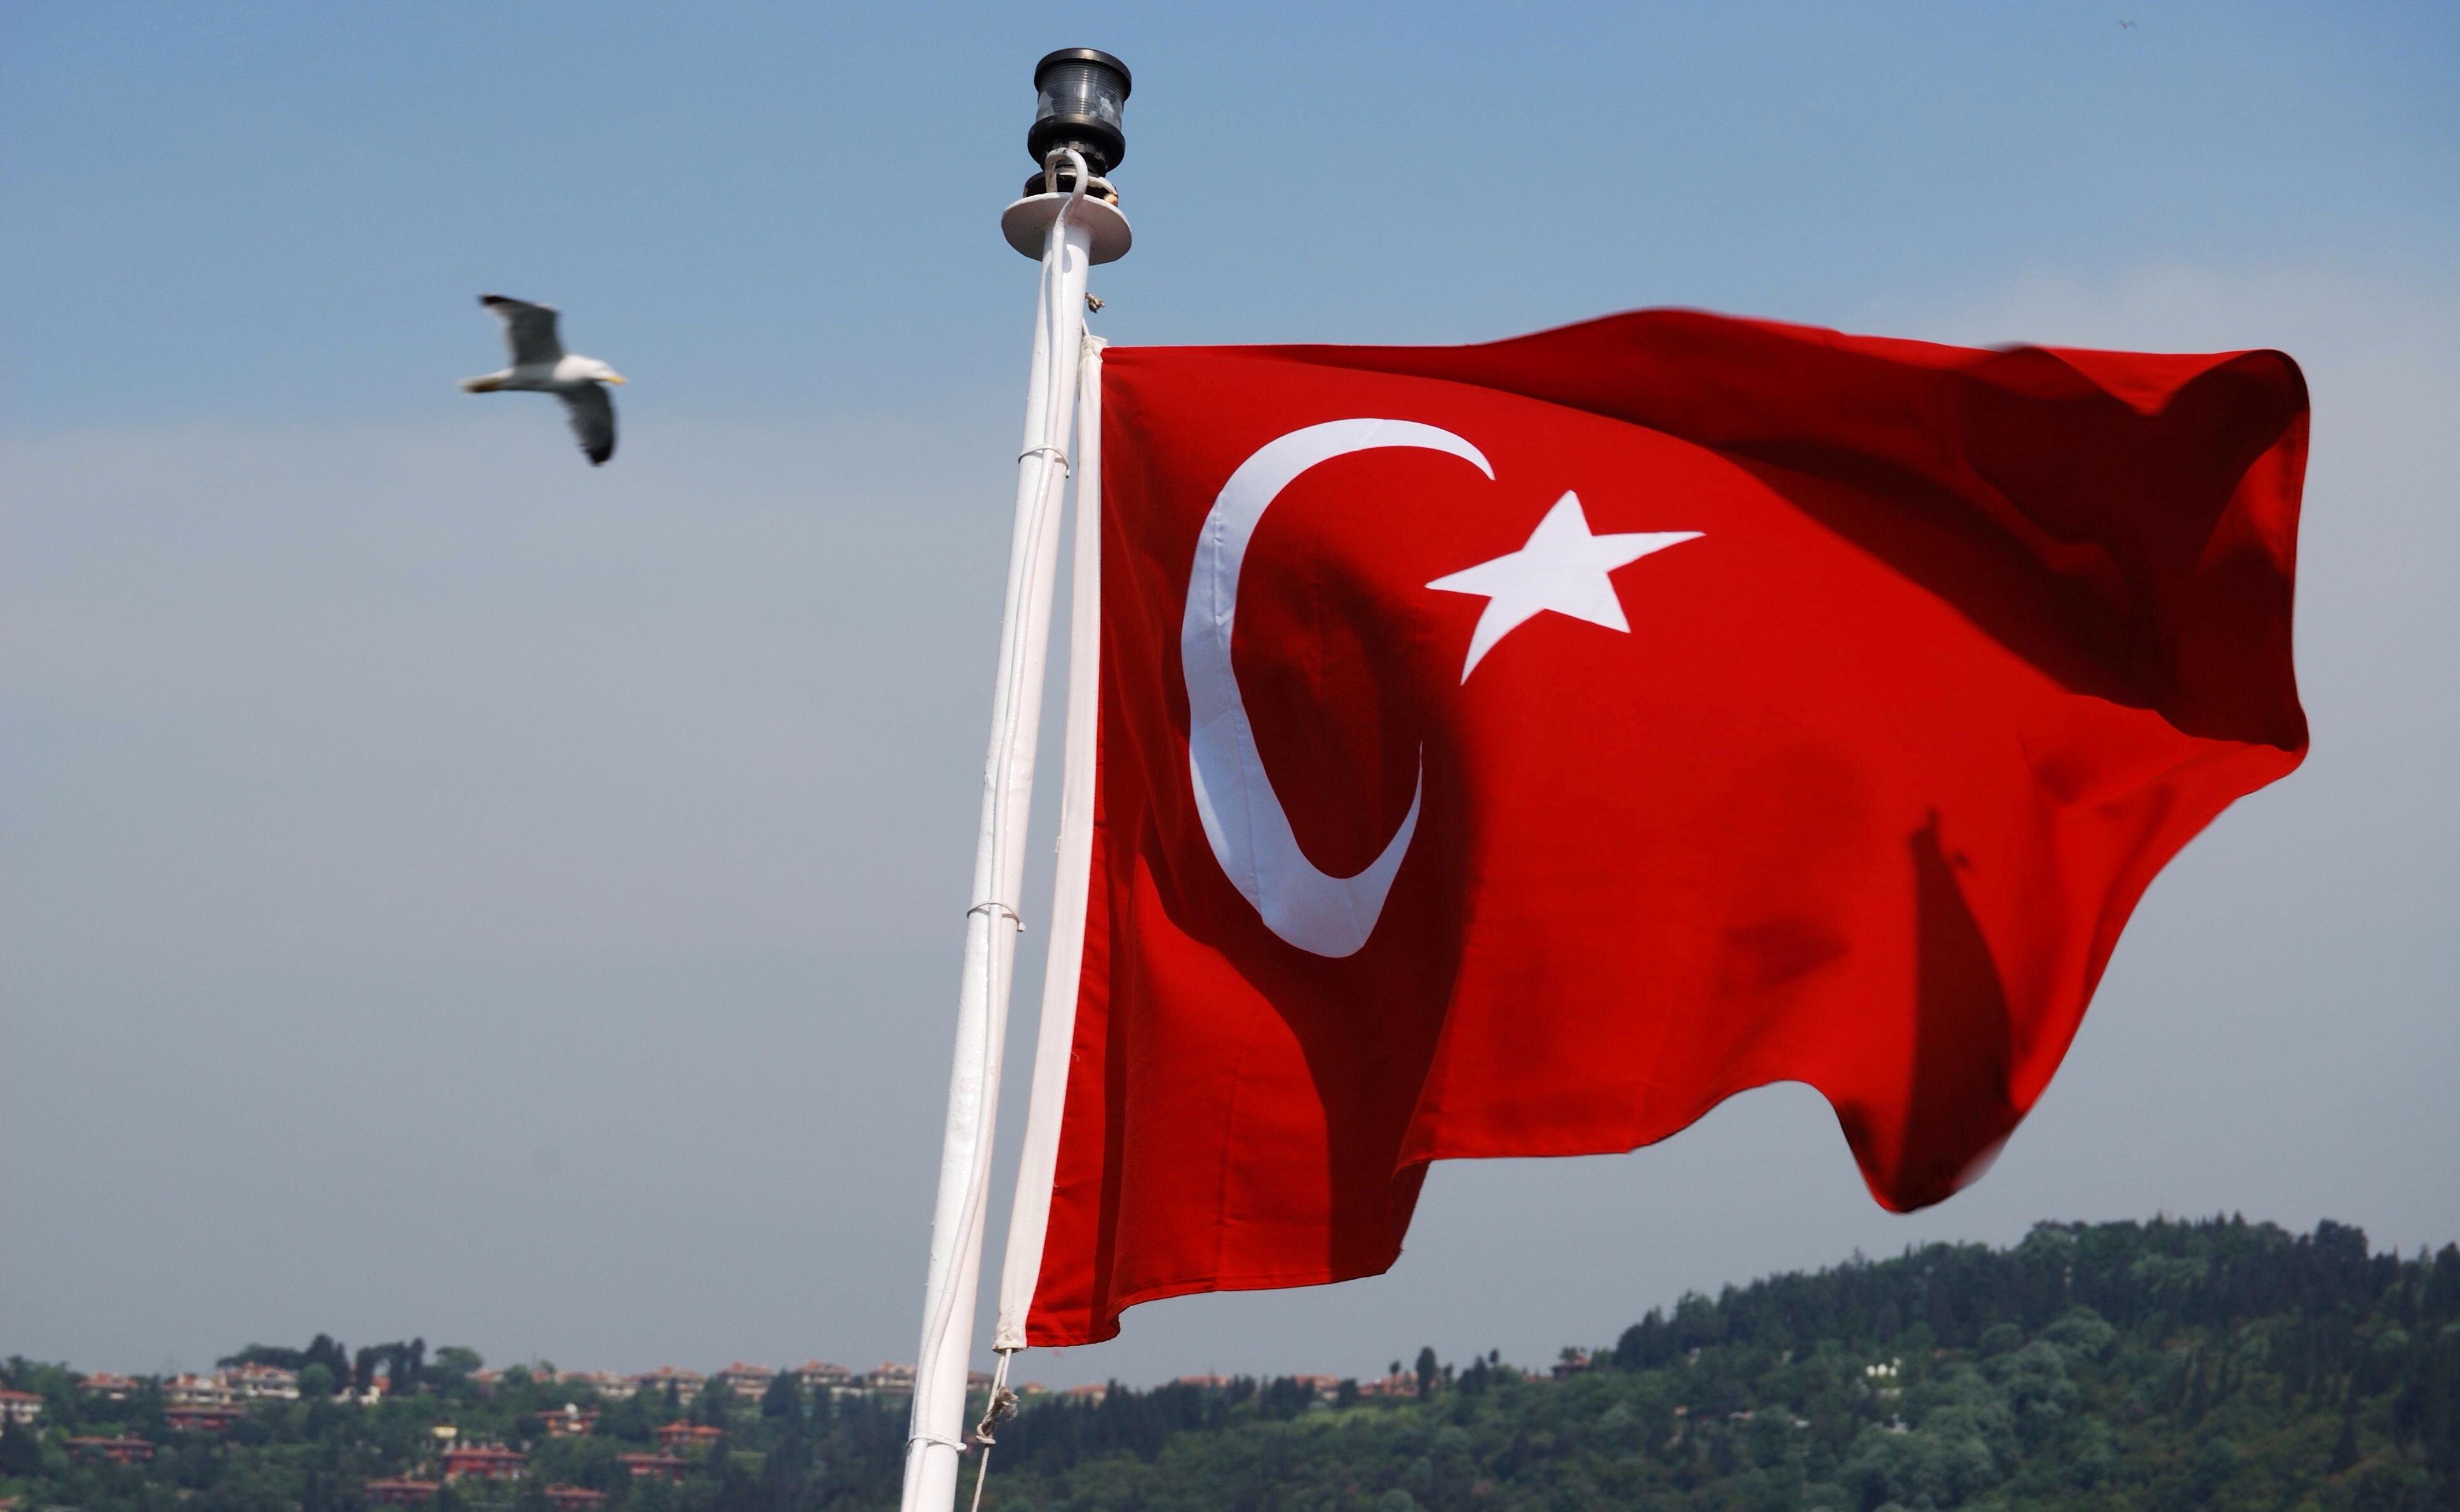 L'amica Turchia, ovvero, quello che accadrebbe se l'UE aprisse gli occhi